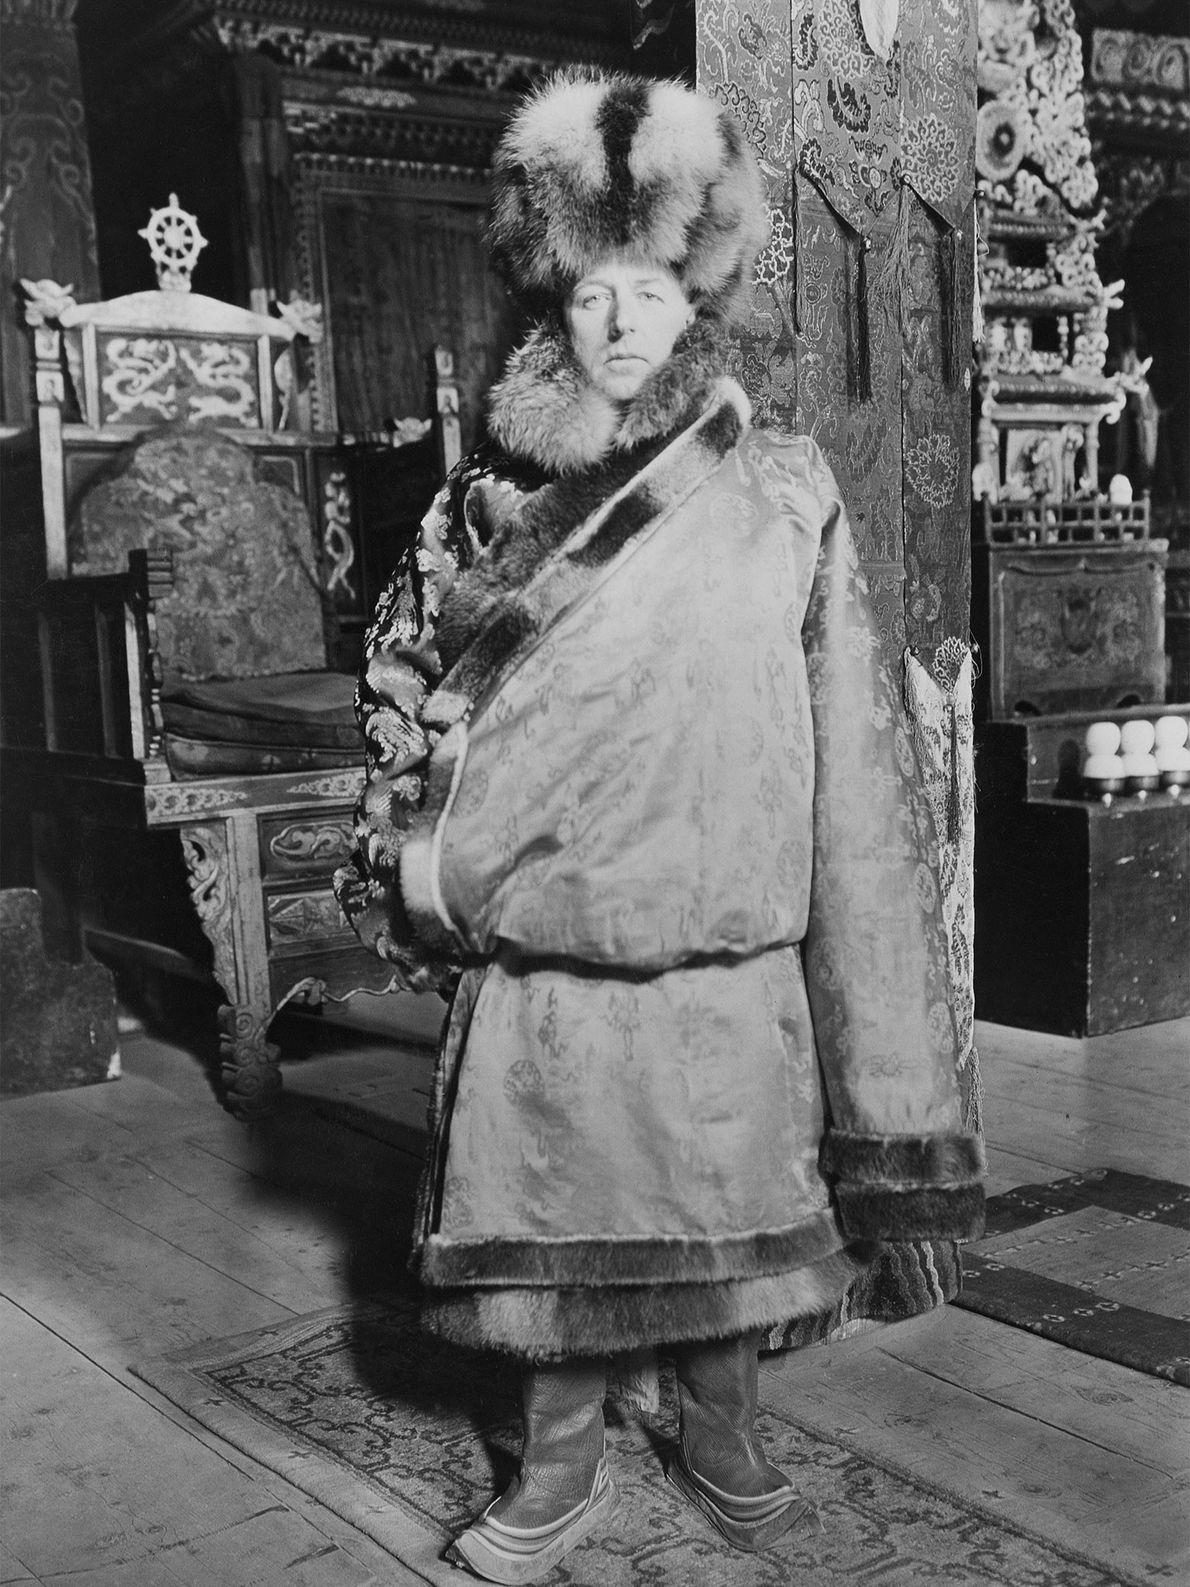 Der Forscher Joseph Rock trägt traditionelle tibetische Kleidung und posiert damit für ein Bild im buddhistischen ...